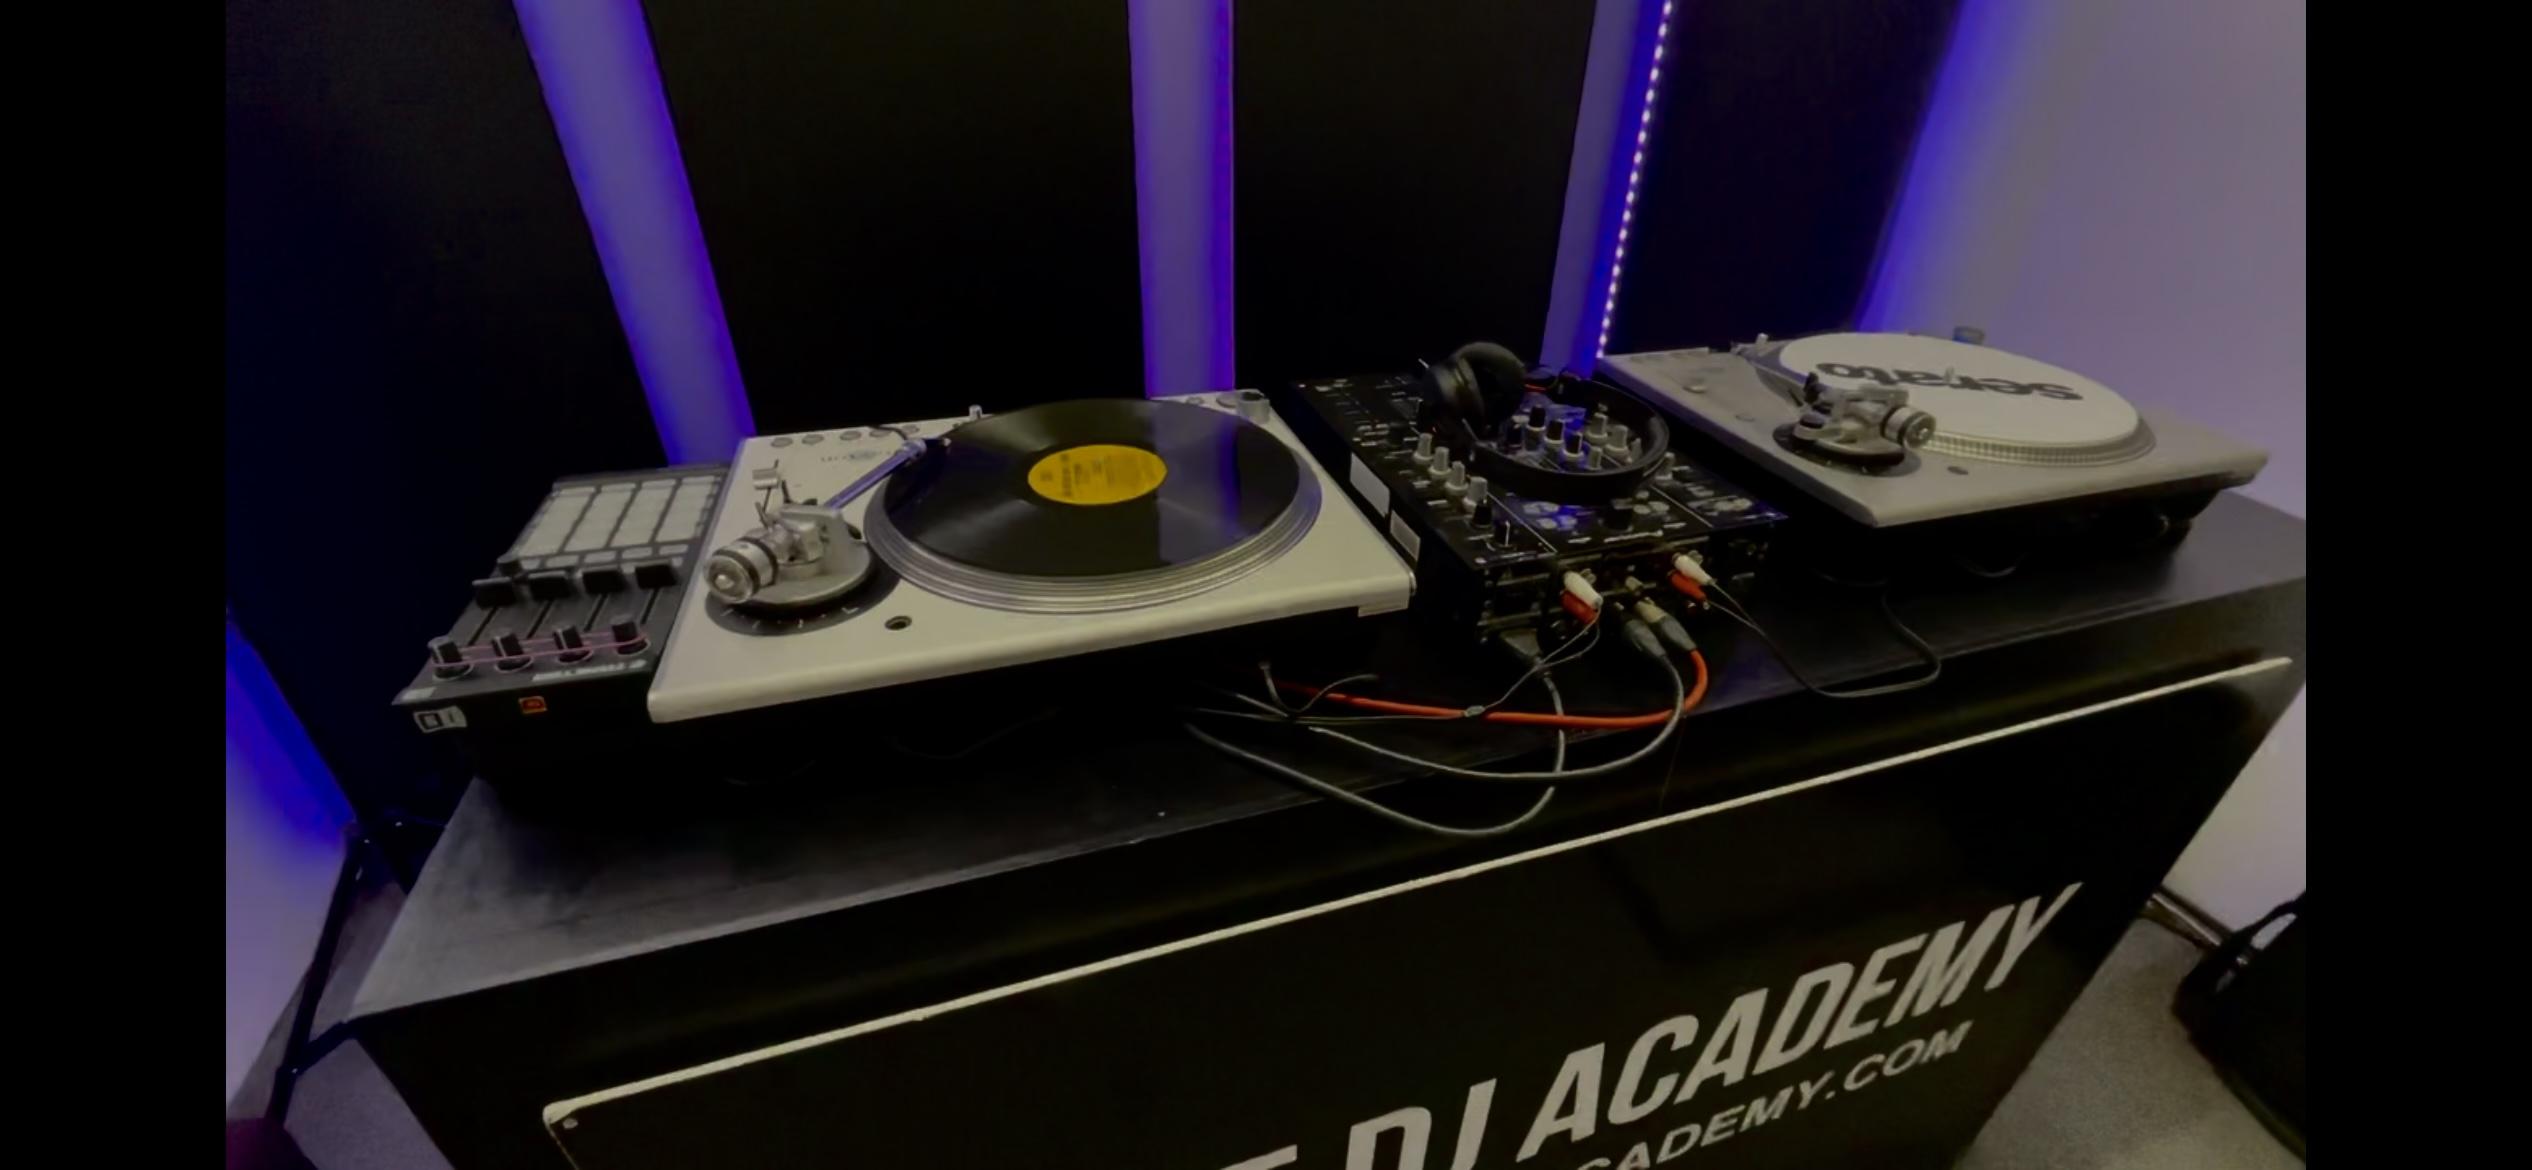 Vinyl decks